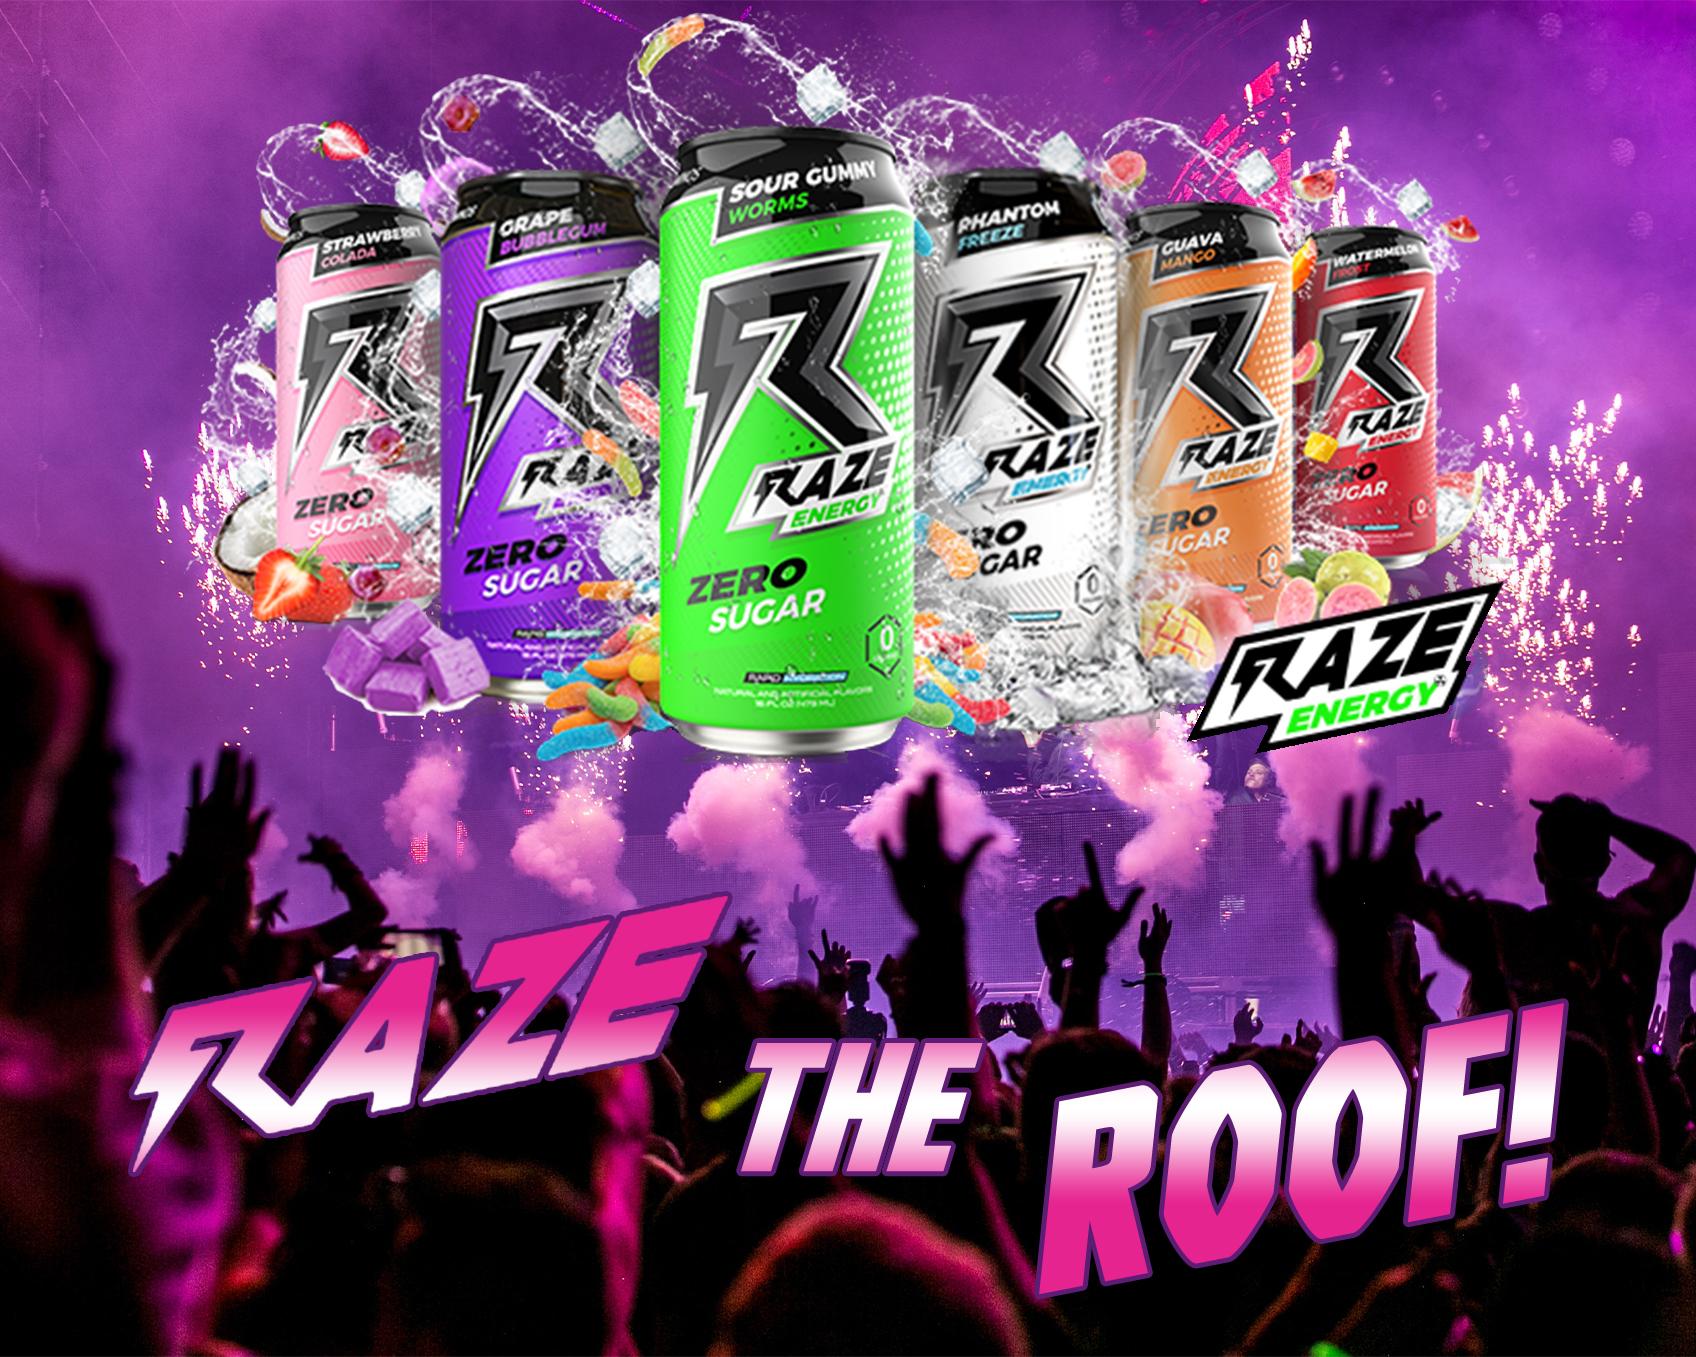 raze-the-roof-contest